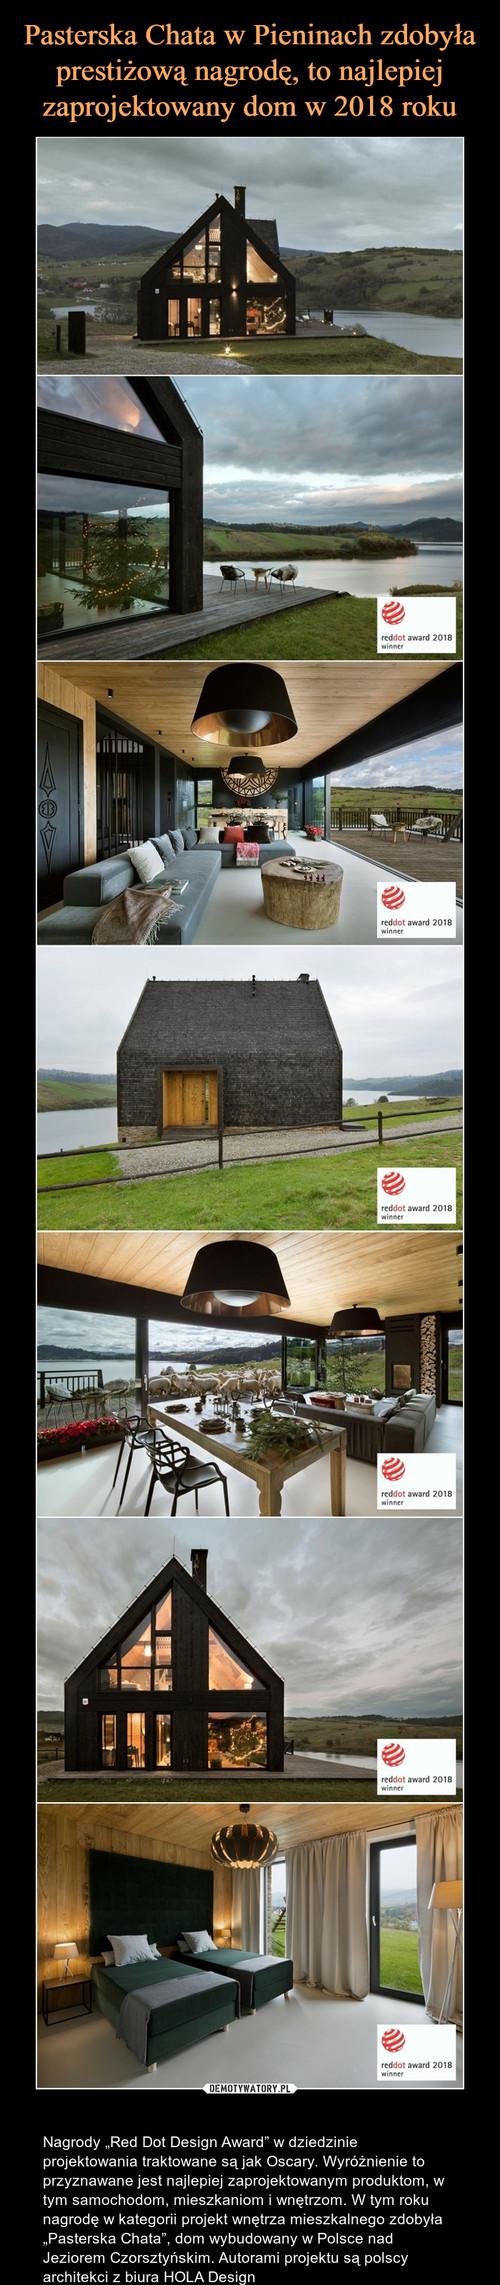 Pasterska Chata w Pieninach zdobyła prestiżową nagrodę, to najlepiej zaprojektowany dom w 2018 roku